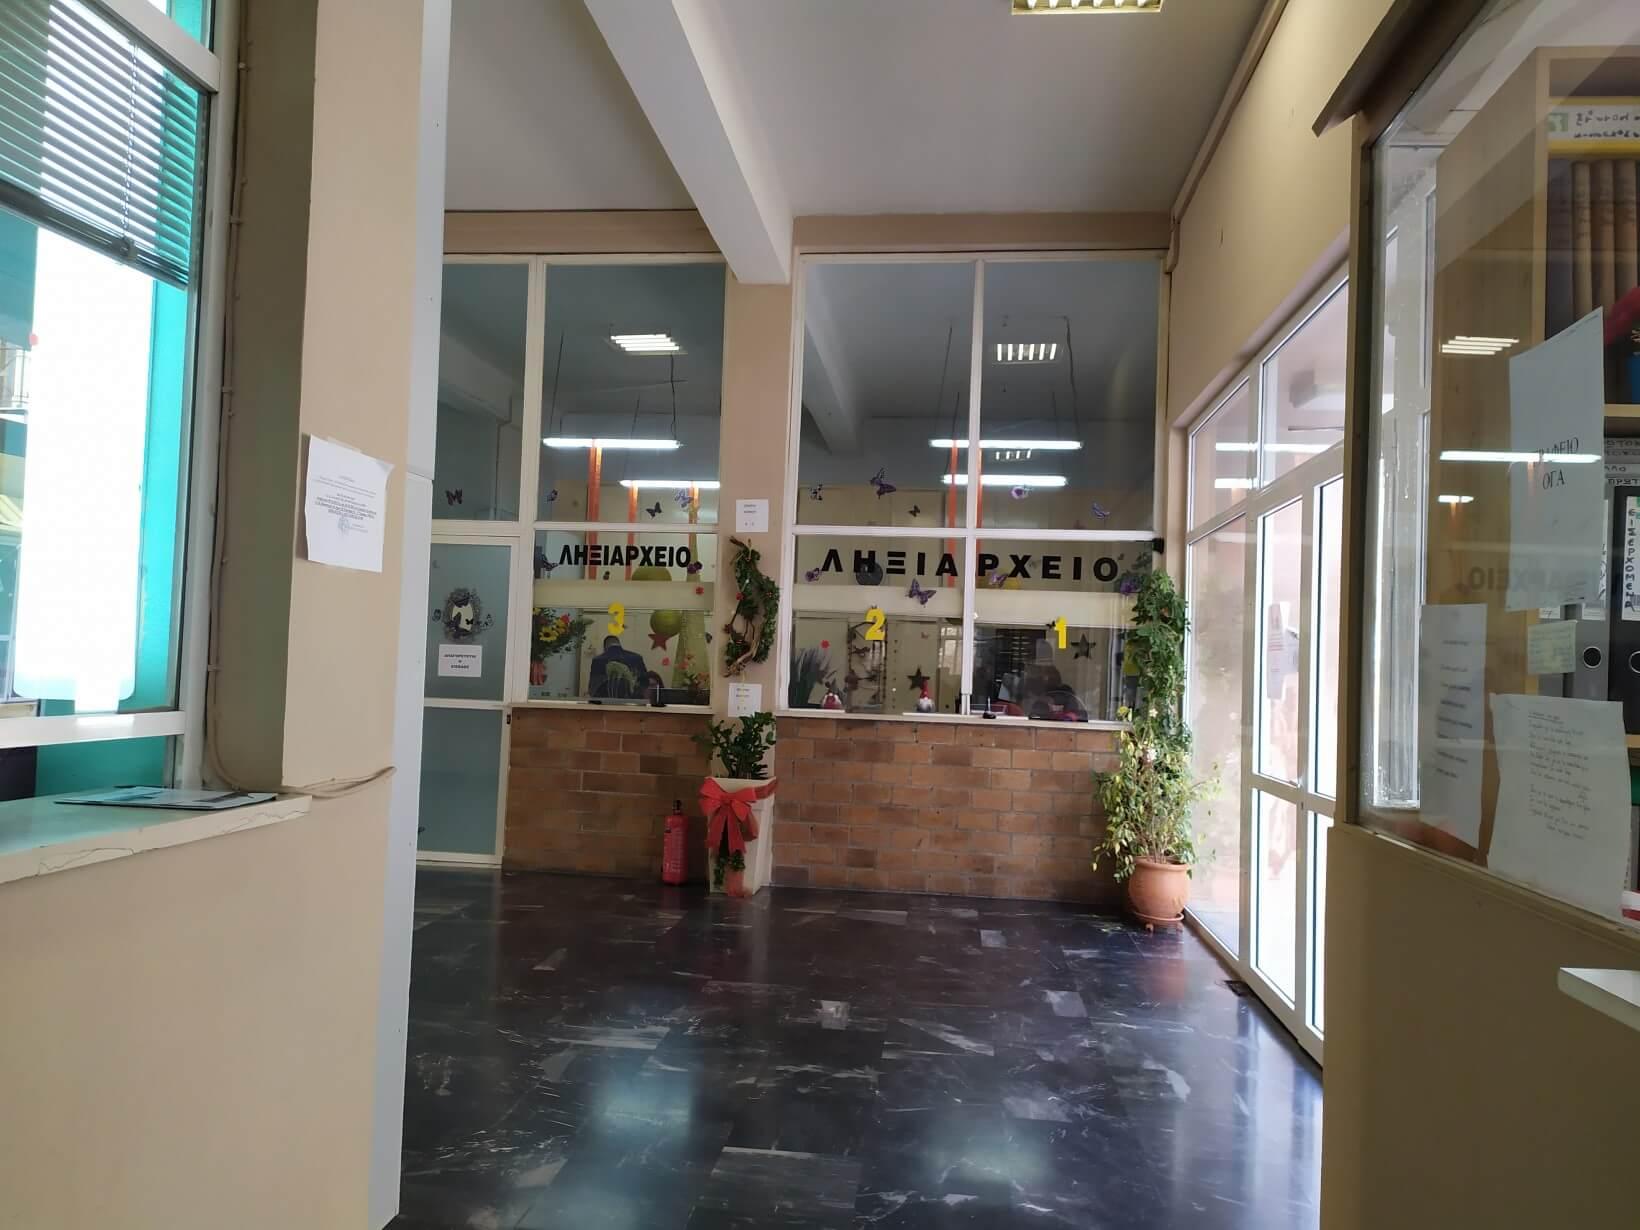 Δήμος Νίκαιας: Κλειστό το Ληξιαρχείο λόγω κρούσματος κορωνοϊού